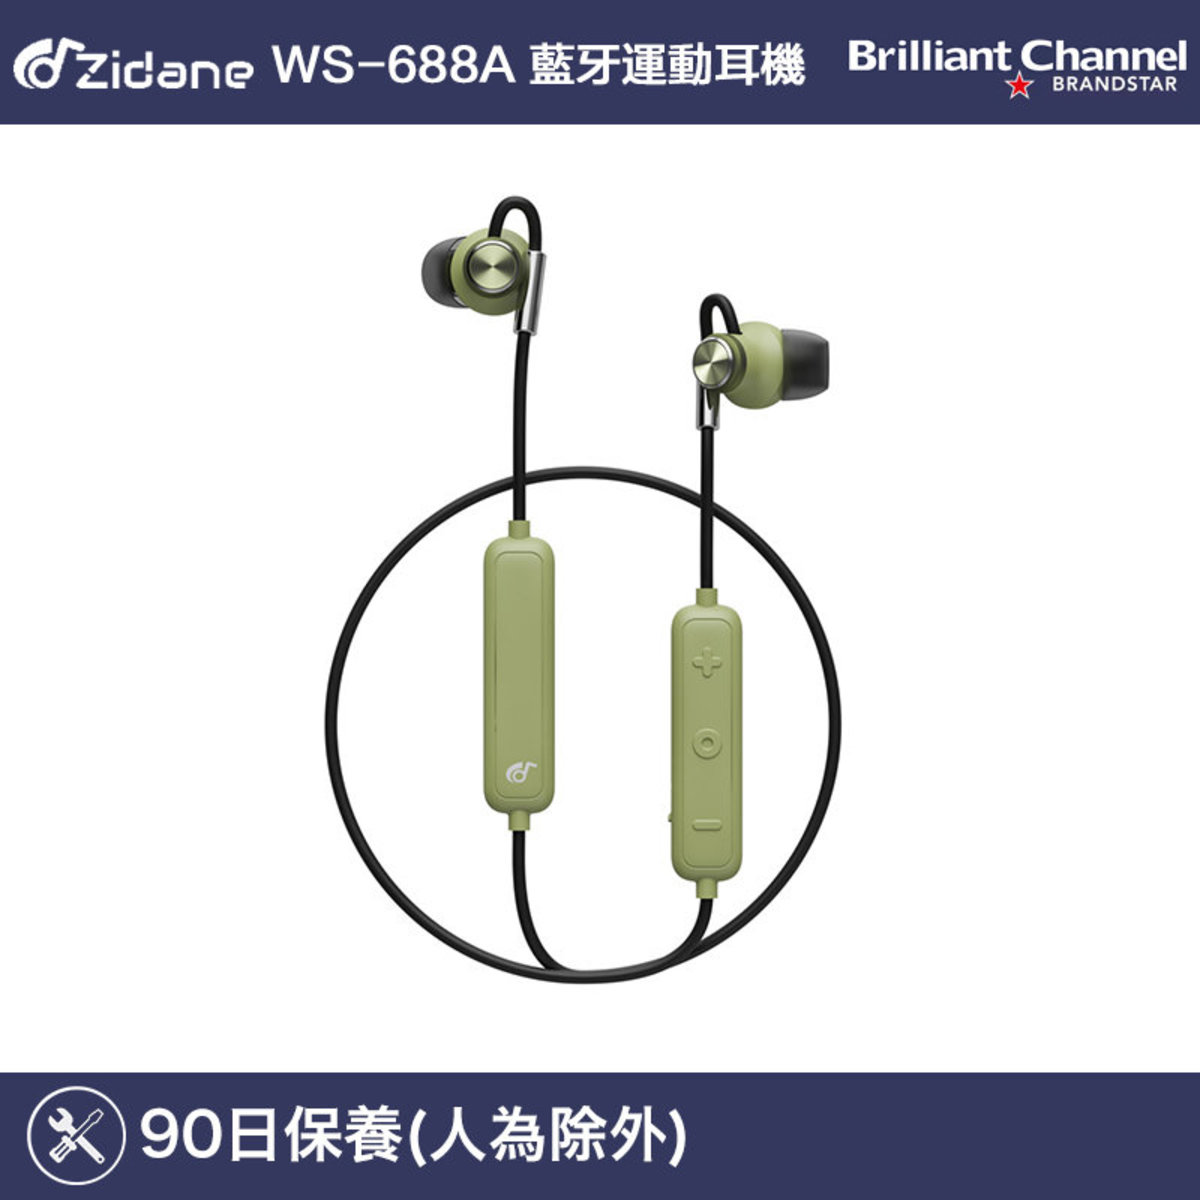 WS-688A Bluetooth Wireless Earphone (Green)